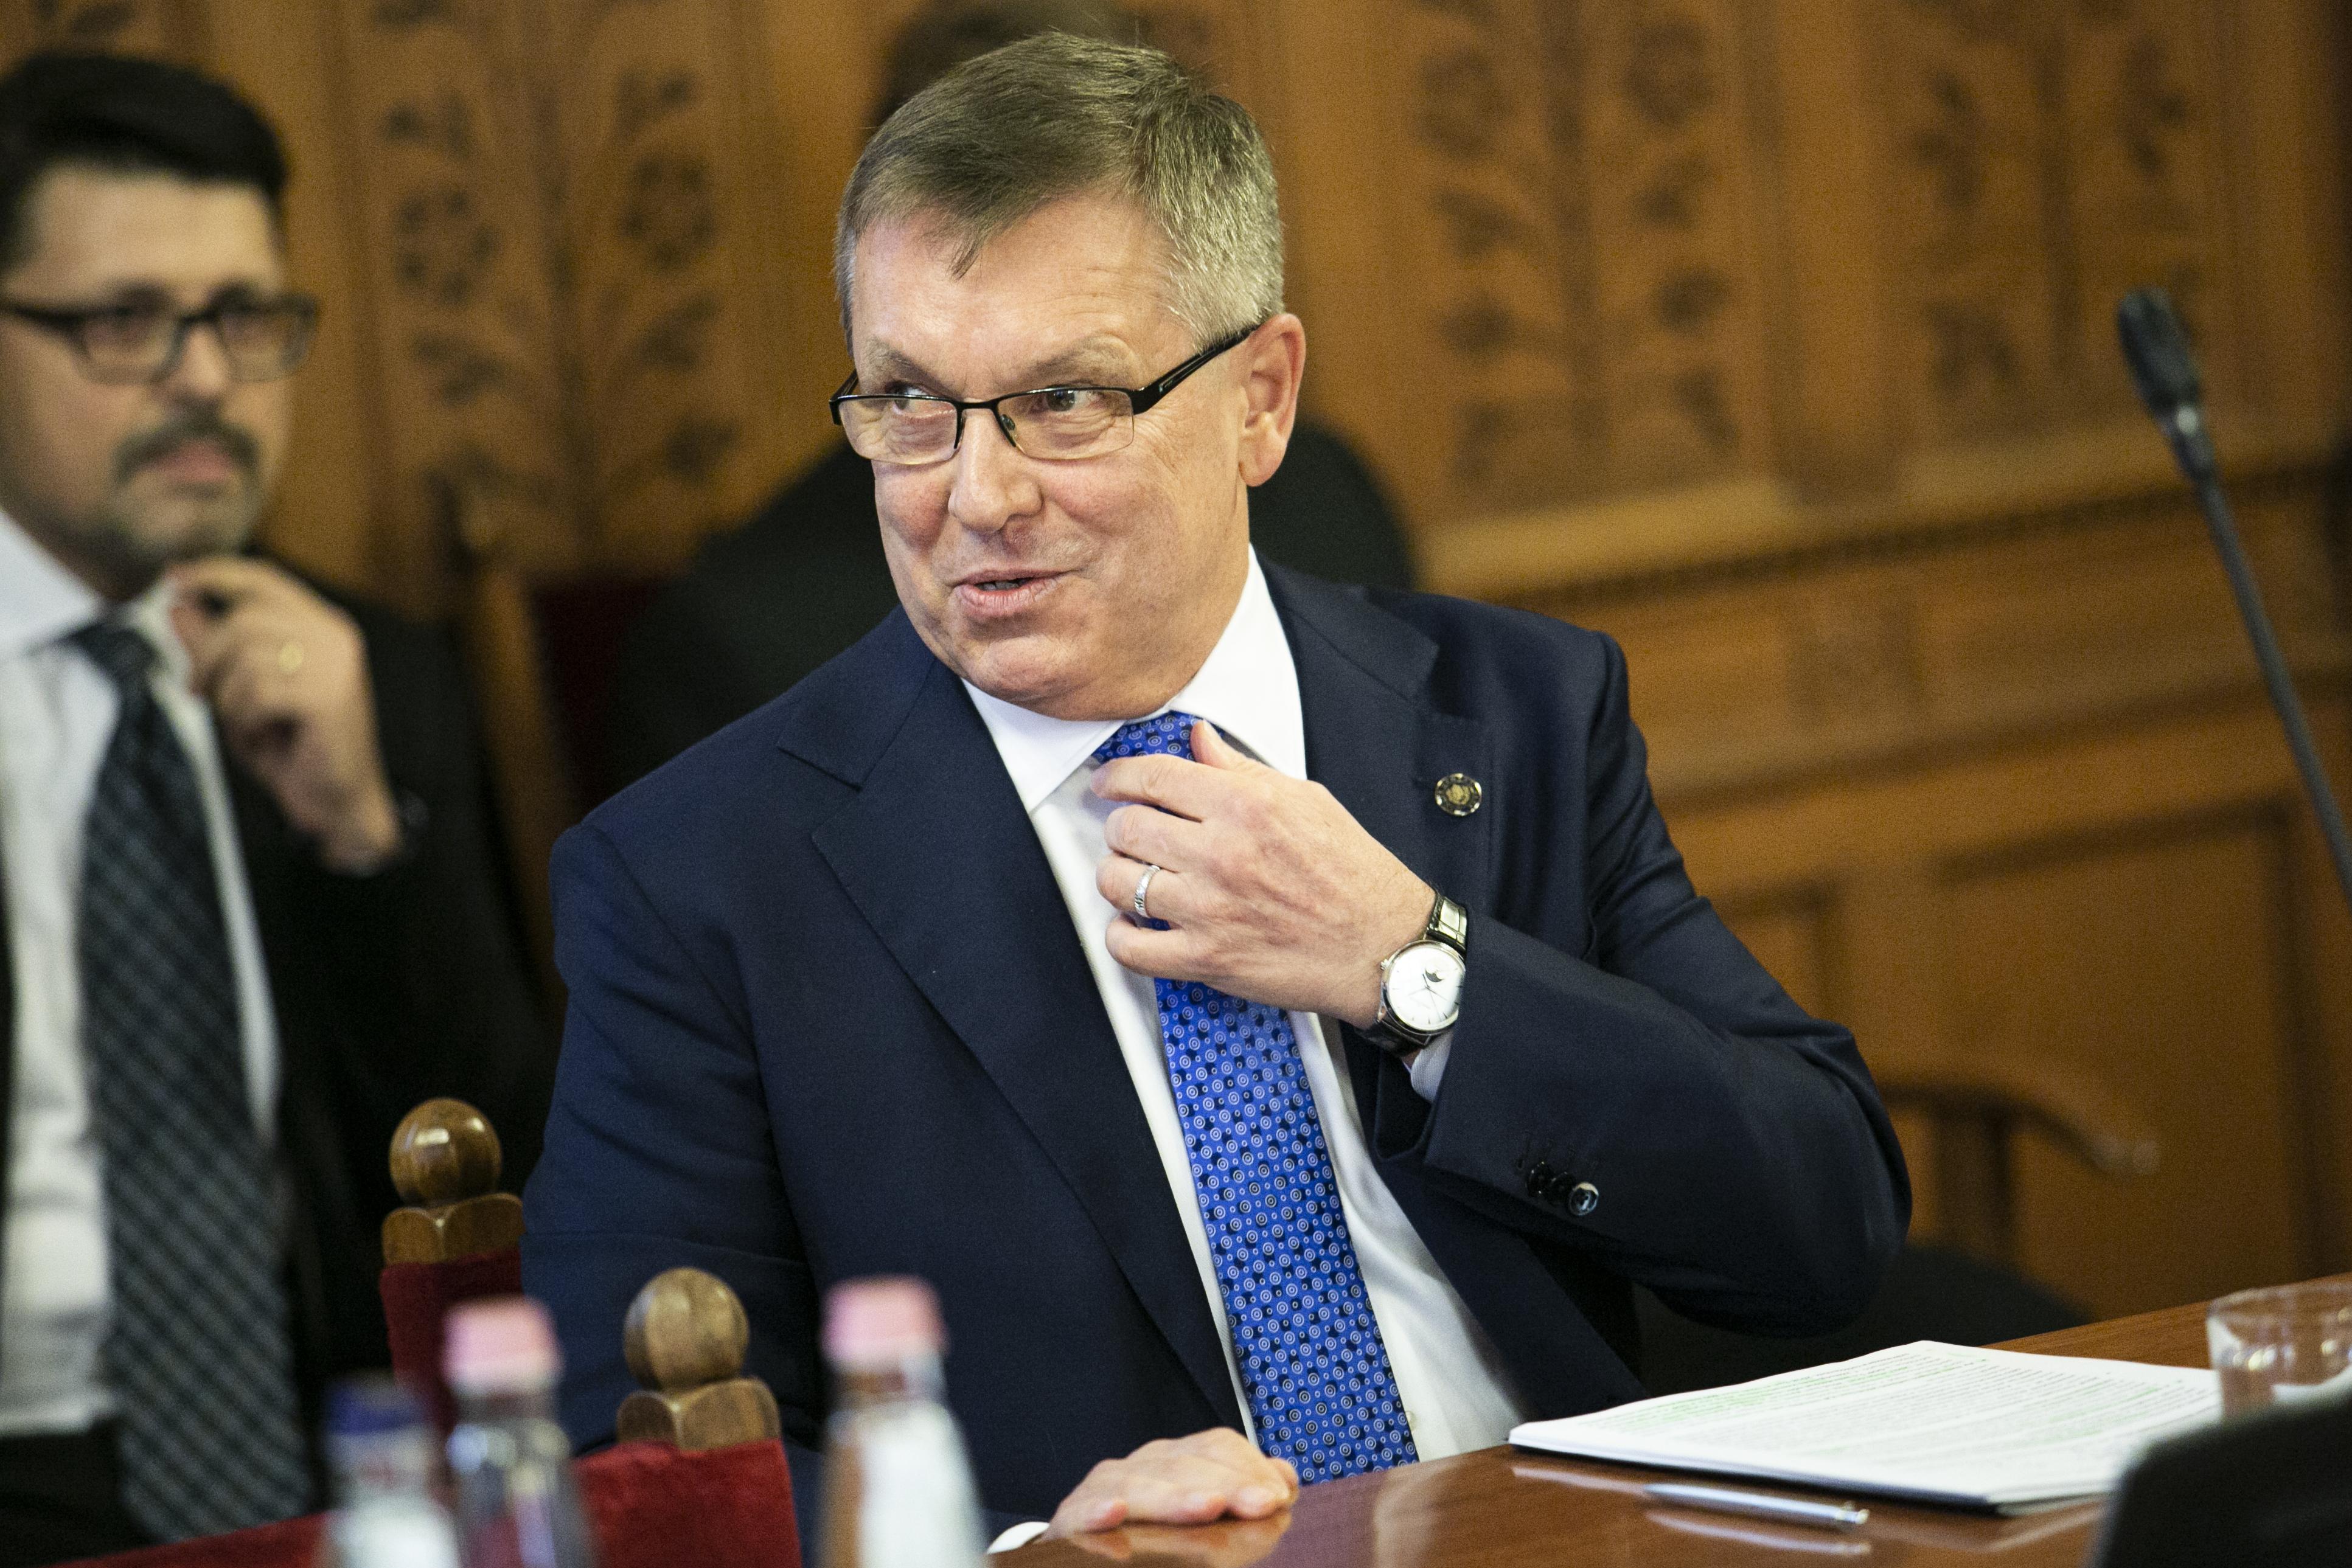 Még a Matolcsy vezette jegybank szerint is aggályos a kormány jövő évi költségvetése